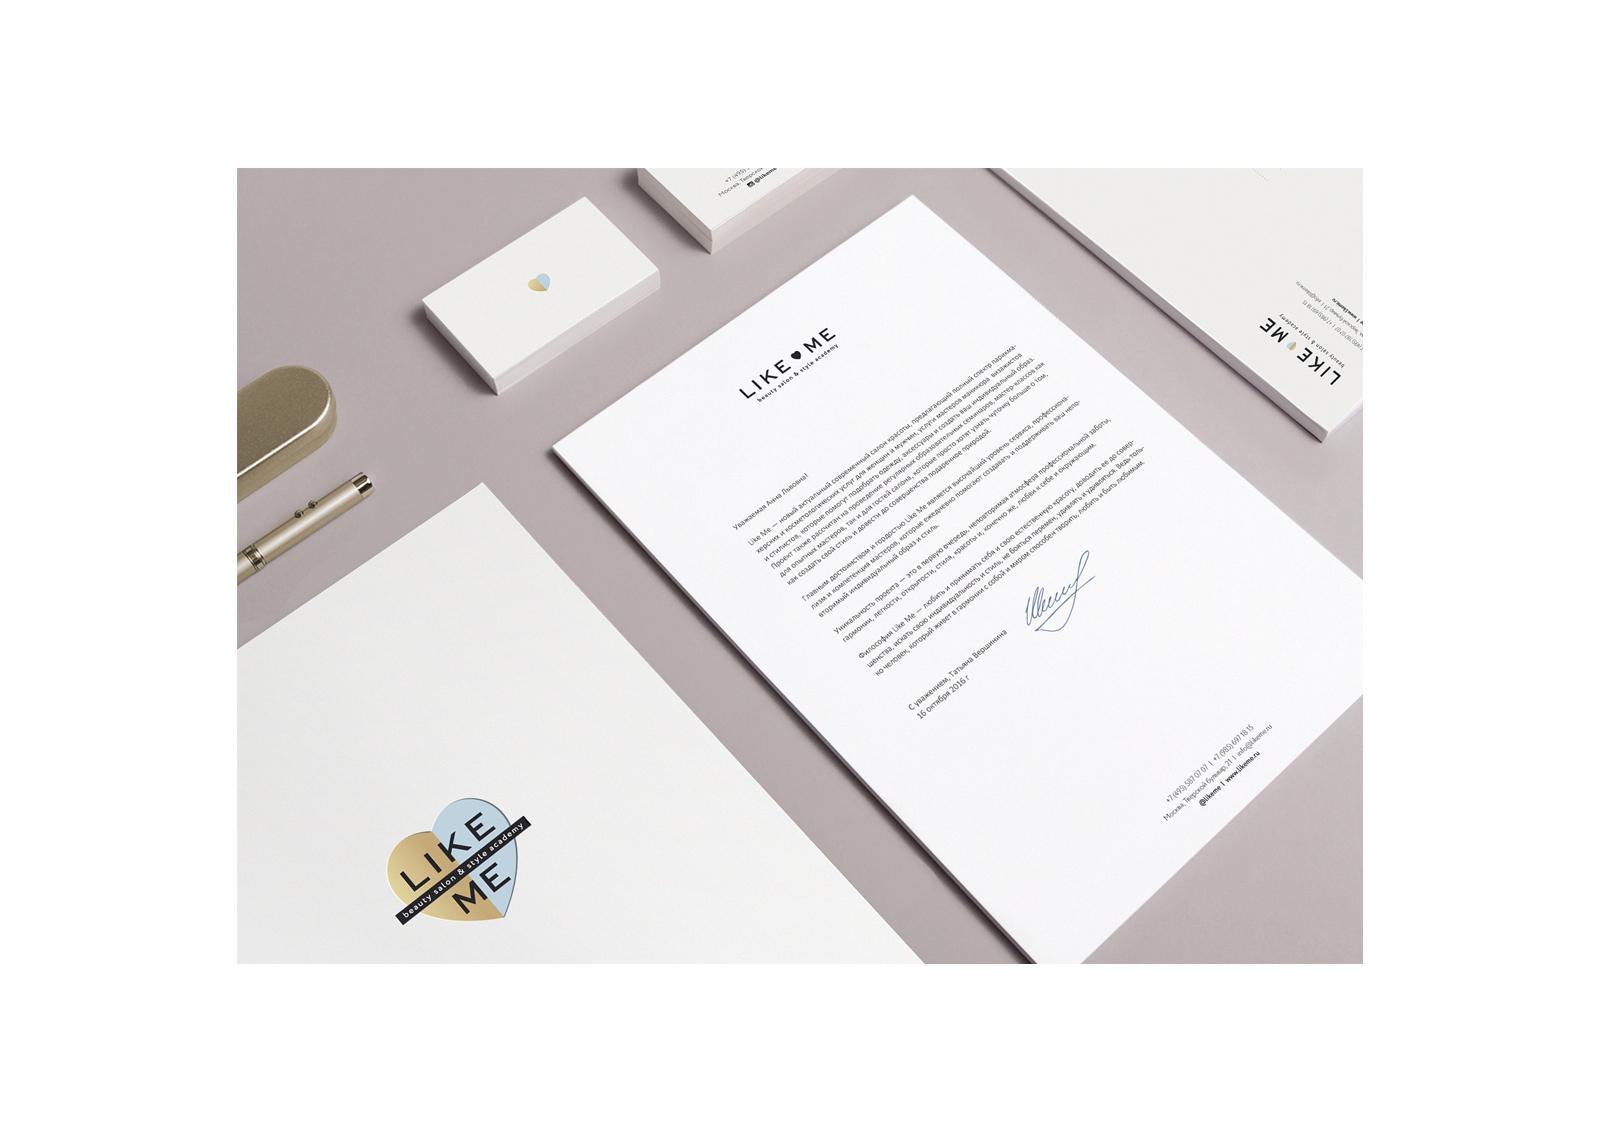 Создание фирменного стиля салона красоты Like Me. Фирменный стиль салона в деловой документации.